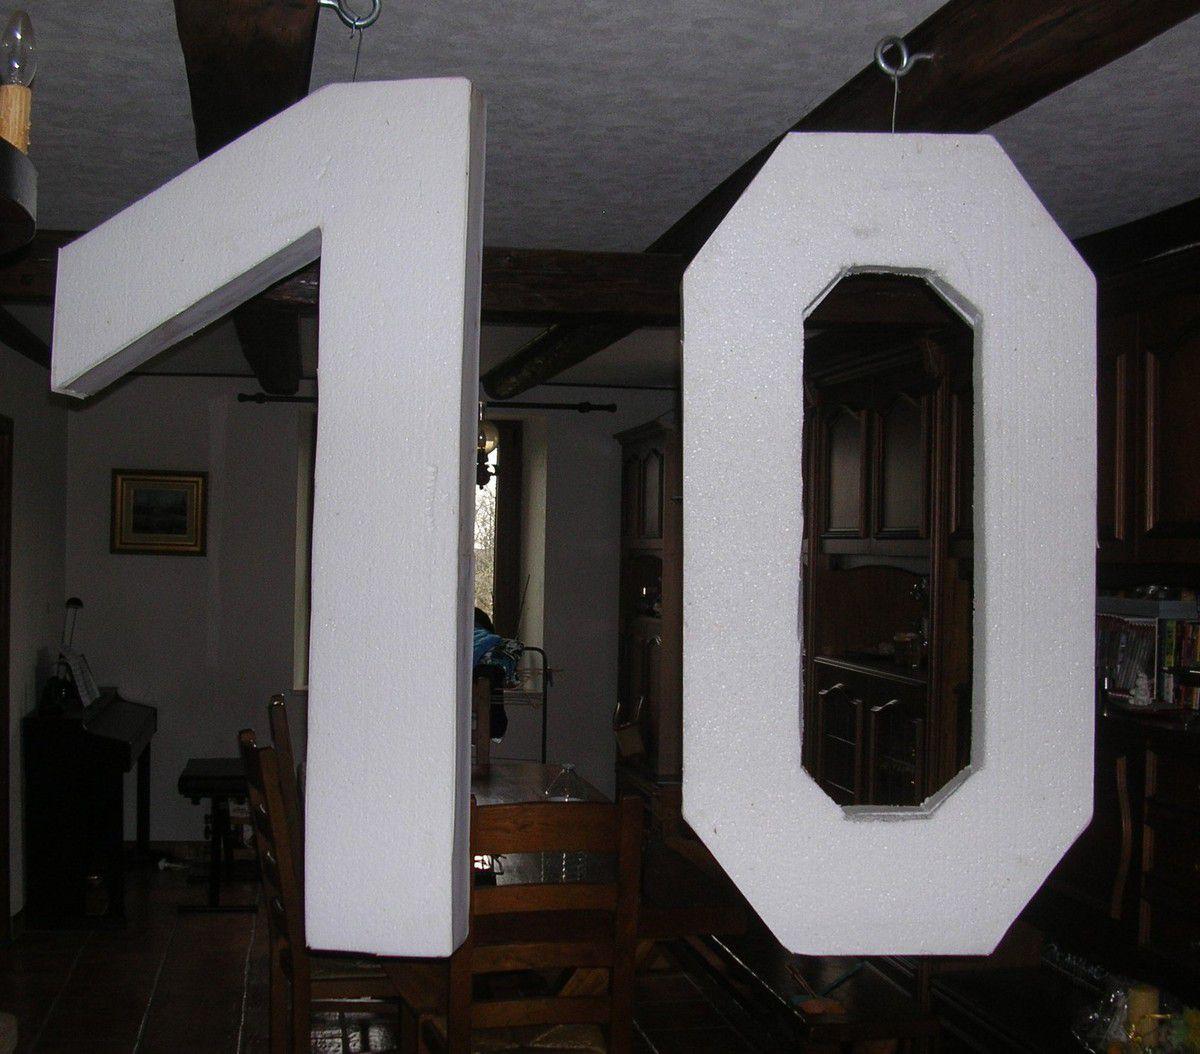 Ils mesurent 1,20 m de haut et 20 cm de large. On a compté qu'il faudrait environ 60 carrés pour les habiller entièrement... Même ma maman a voulu participer ! Voilà ses 9 carrés au tricot...